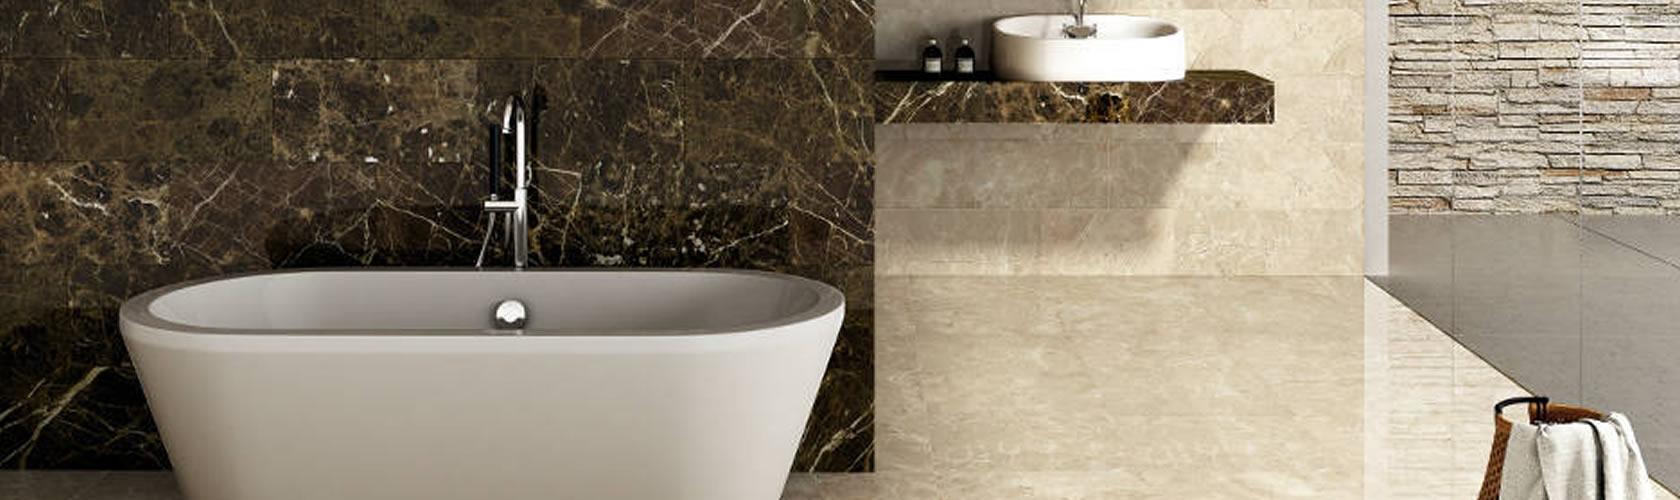 Marmoles y granitos ruiz marmoles marbella ruiz for Marmoles y marmoles